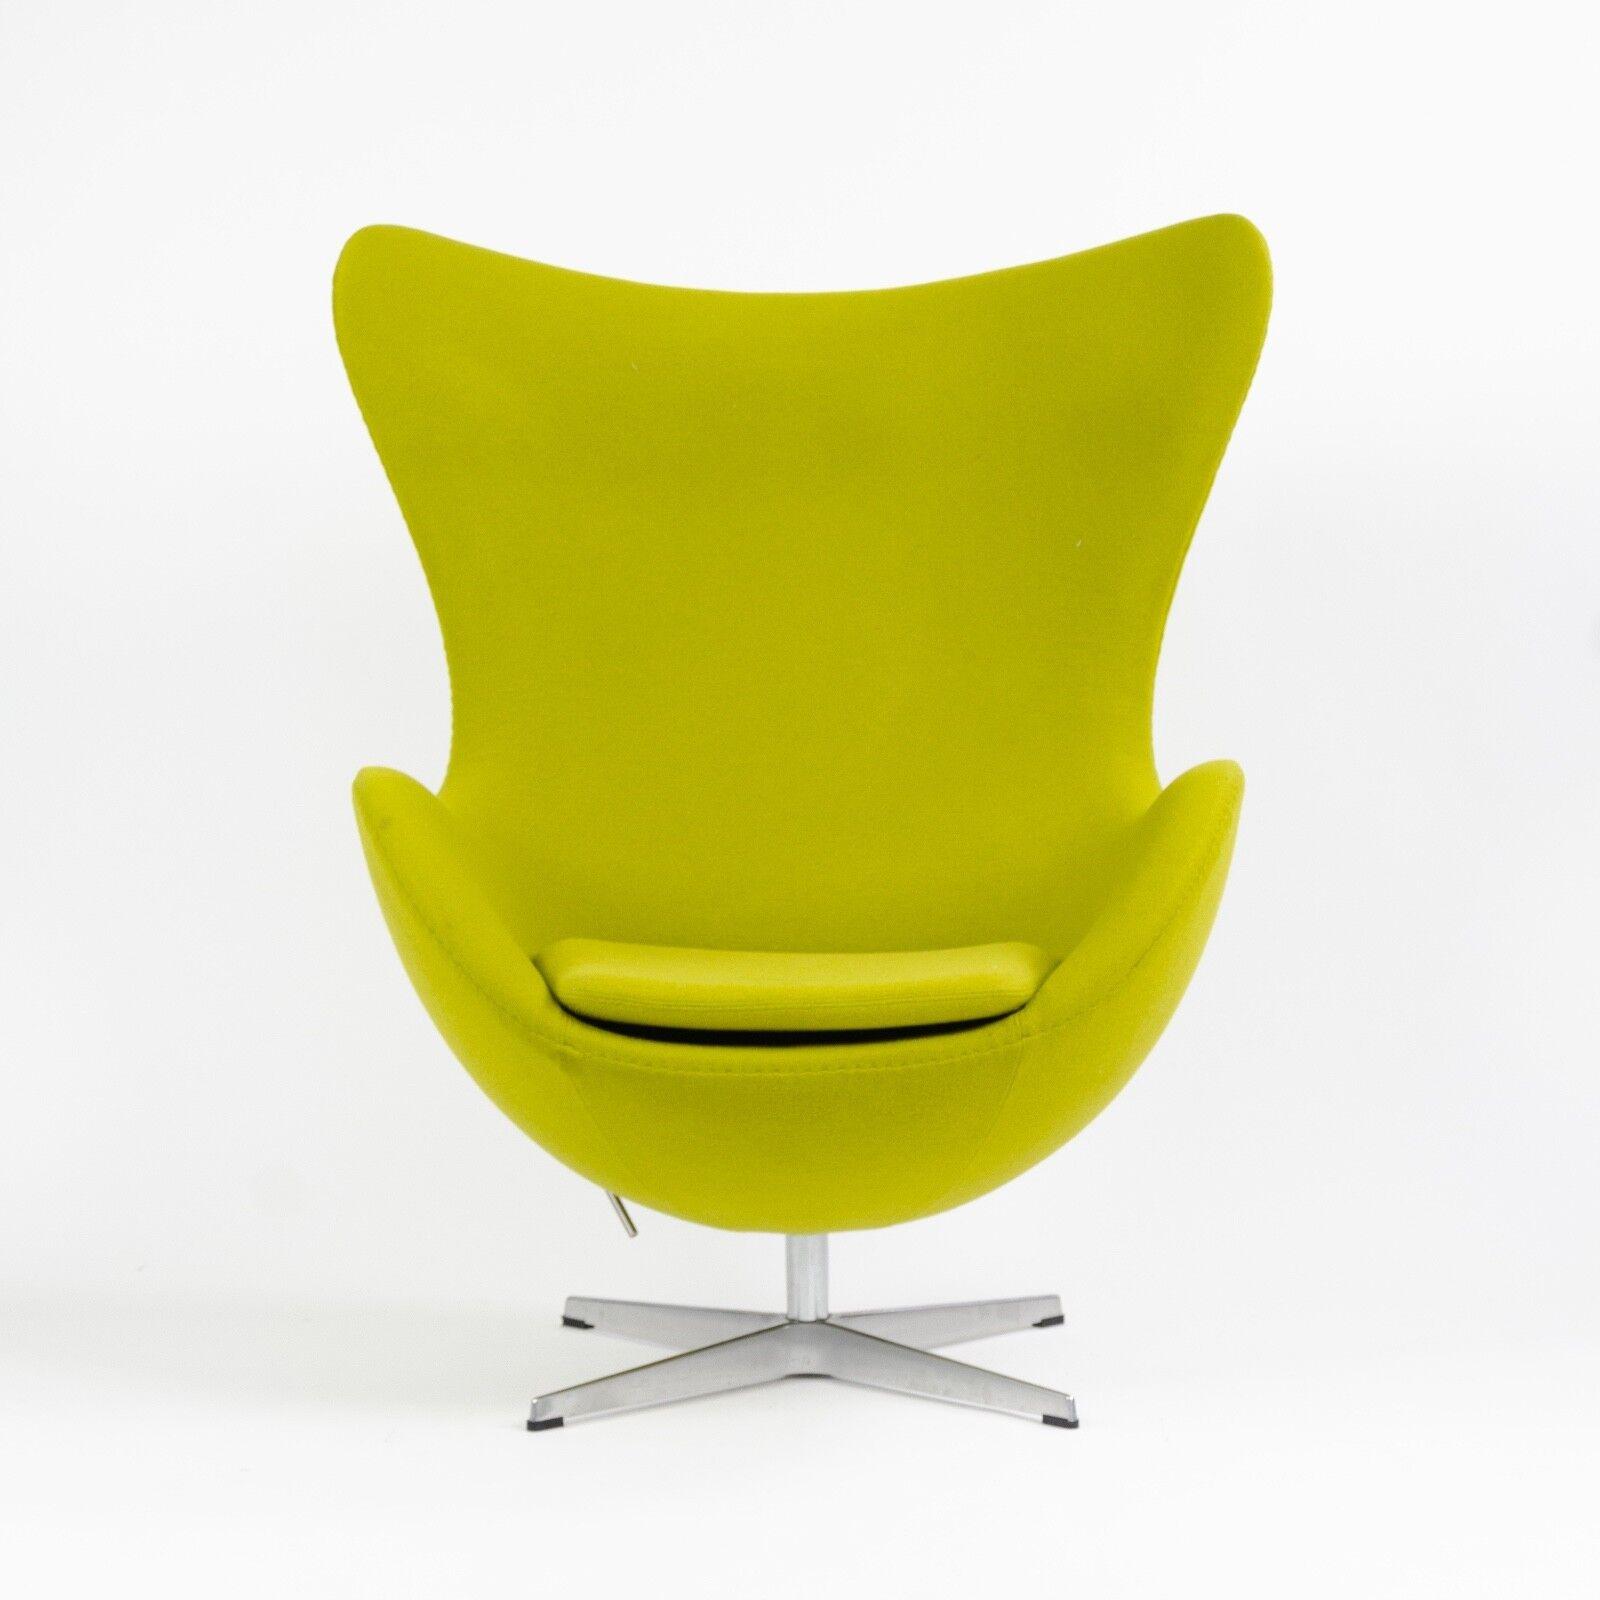 Arne Jacobsen Egg Chair.2003 Egg Chair By Arne Jacobsen For Fritz Hansen Original Fabric